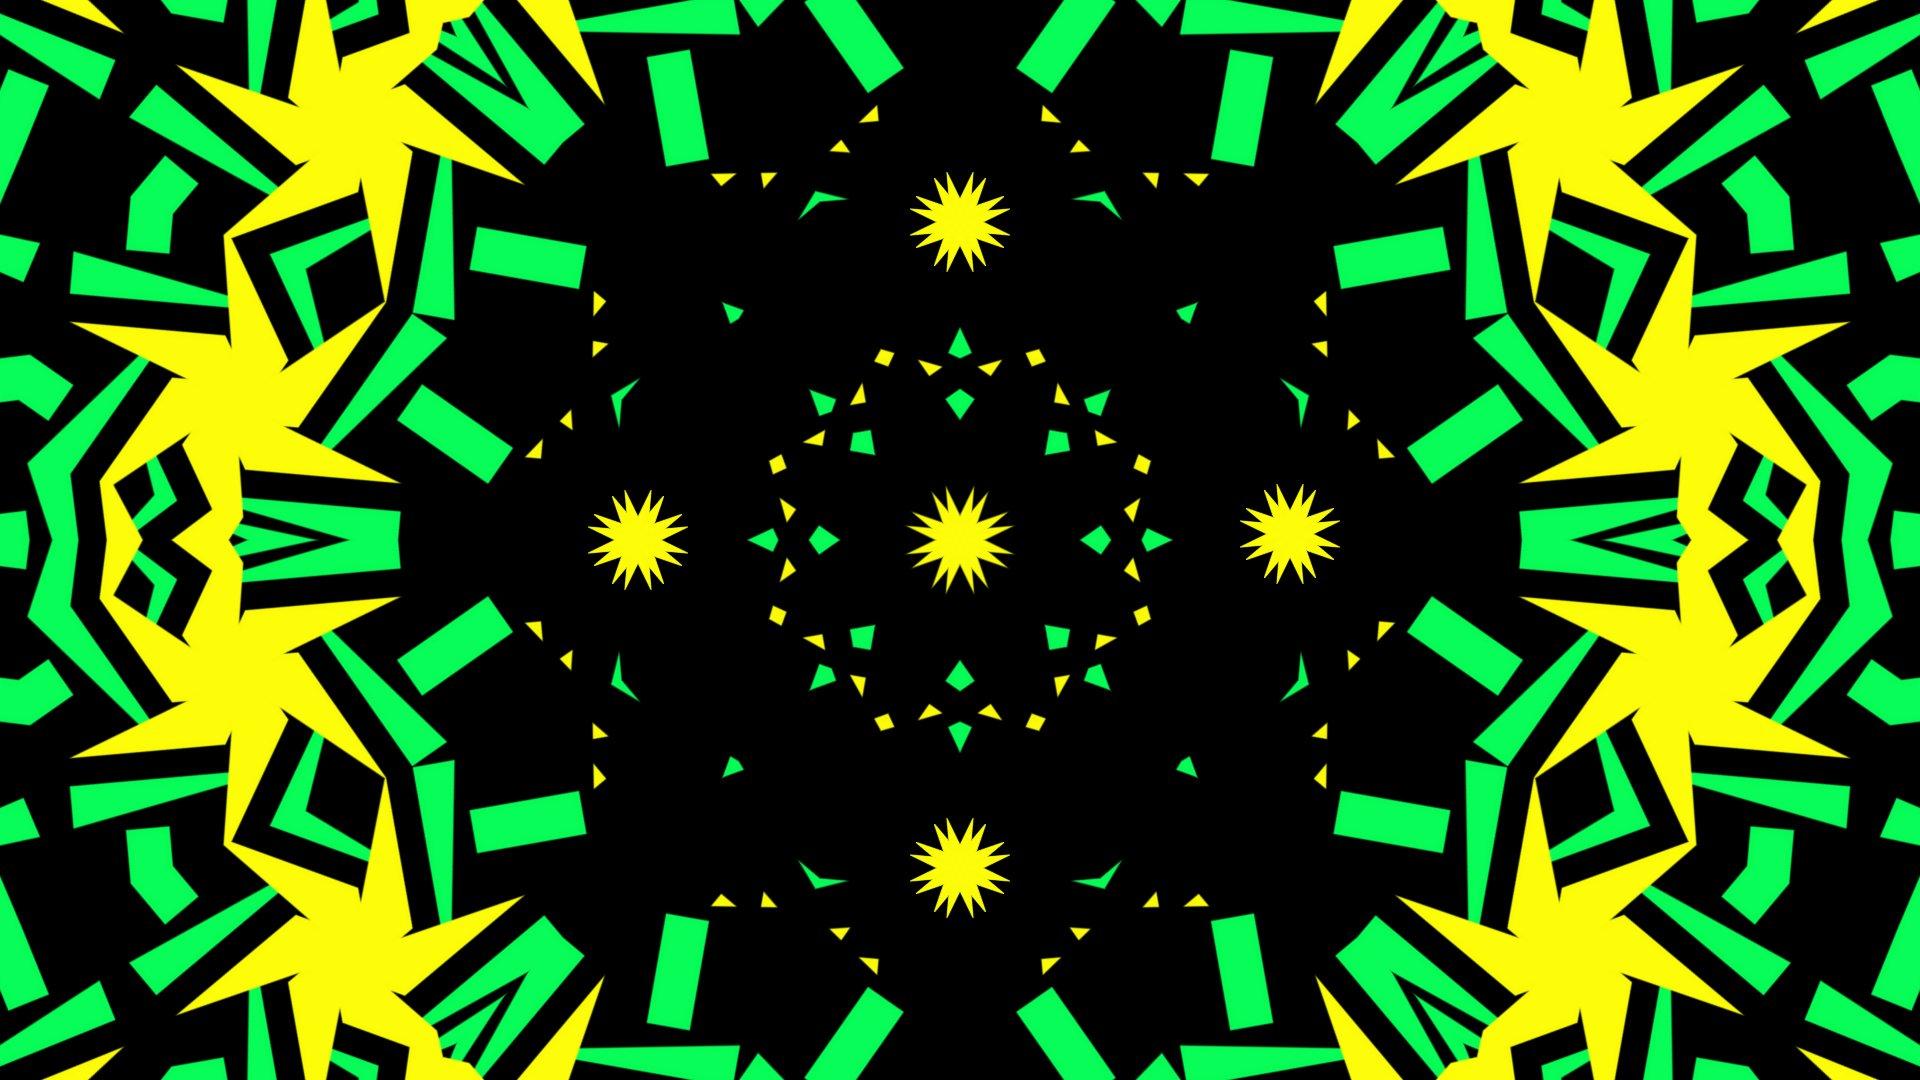 Art ID: 136406